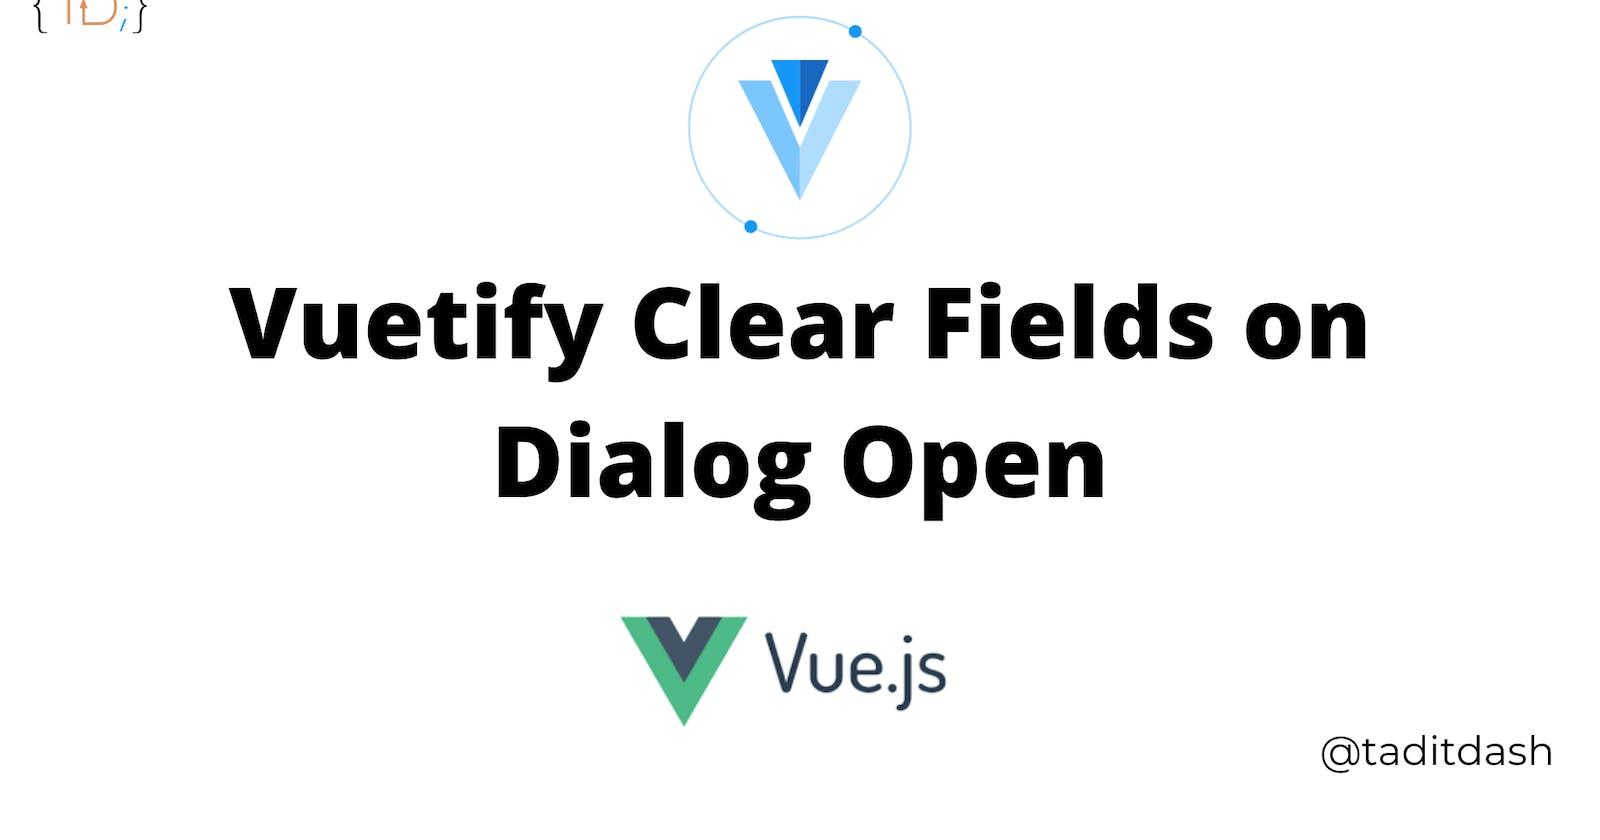 Vuetify Clear Fields on Dialog Open